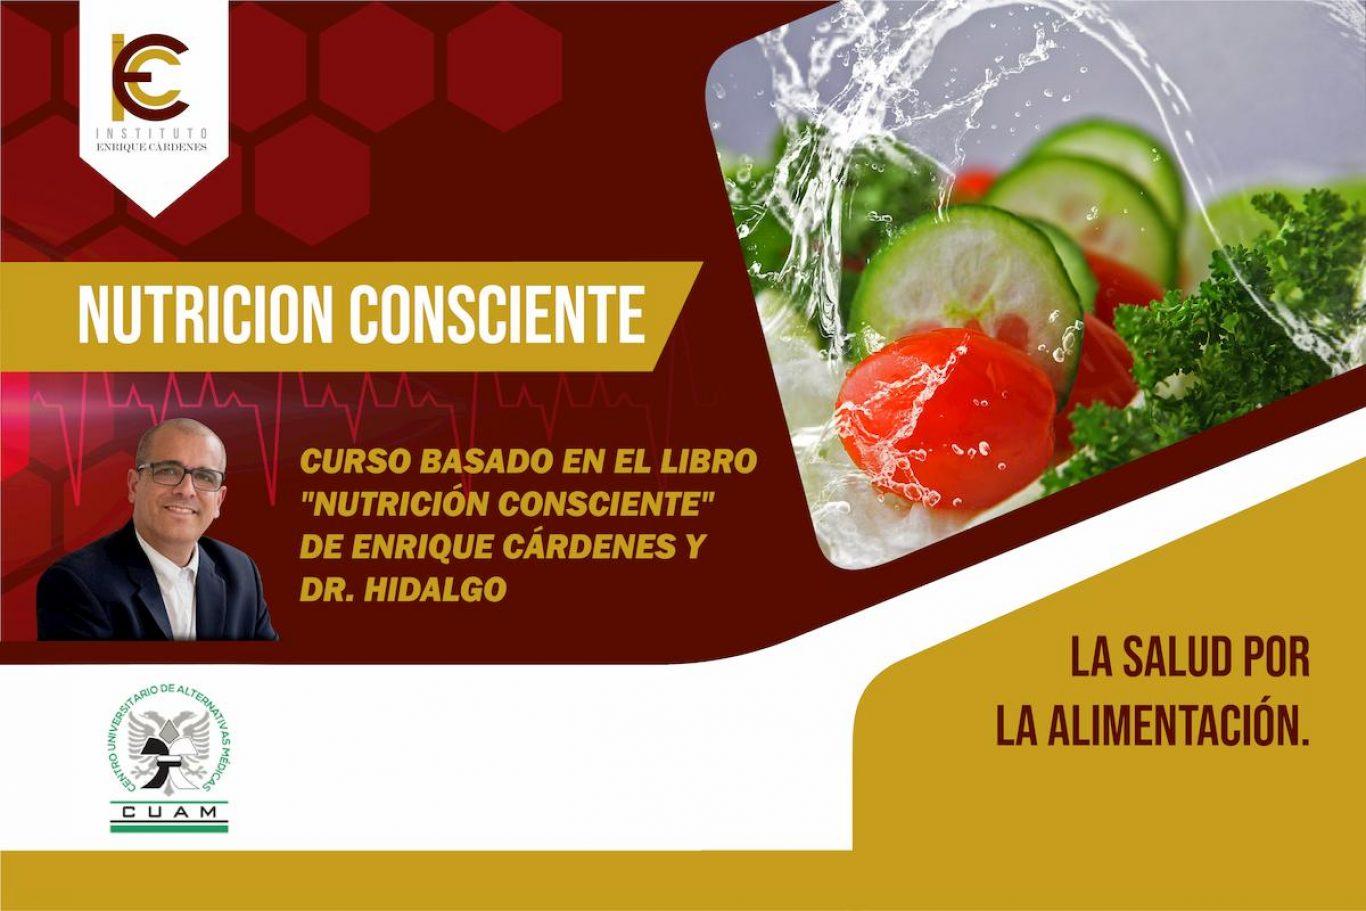 nutricion consciente 1200x800 plantilla_Mesa de trabajo 1